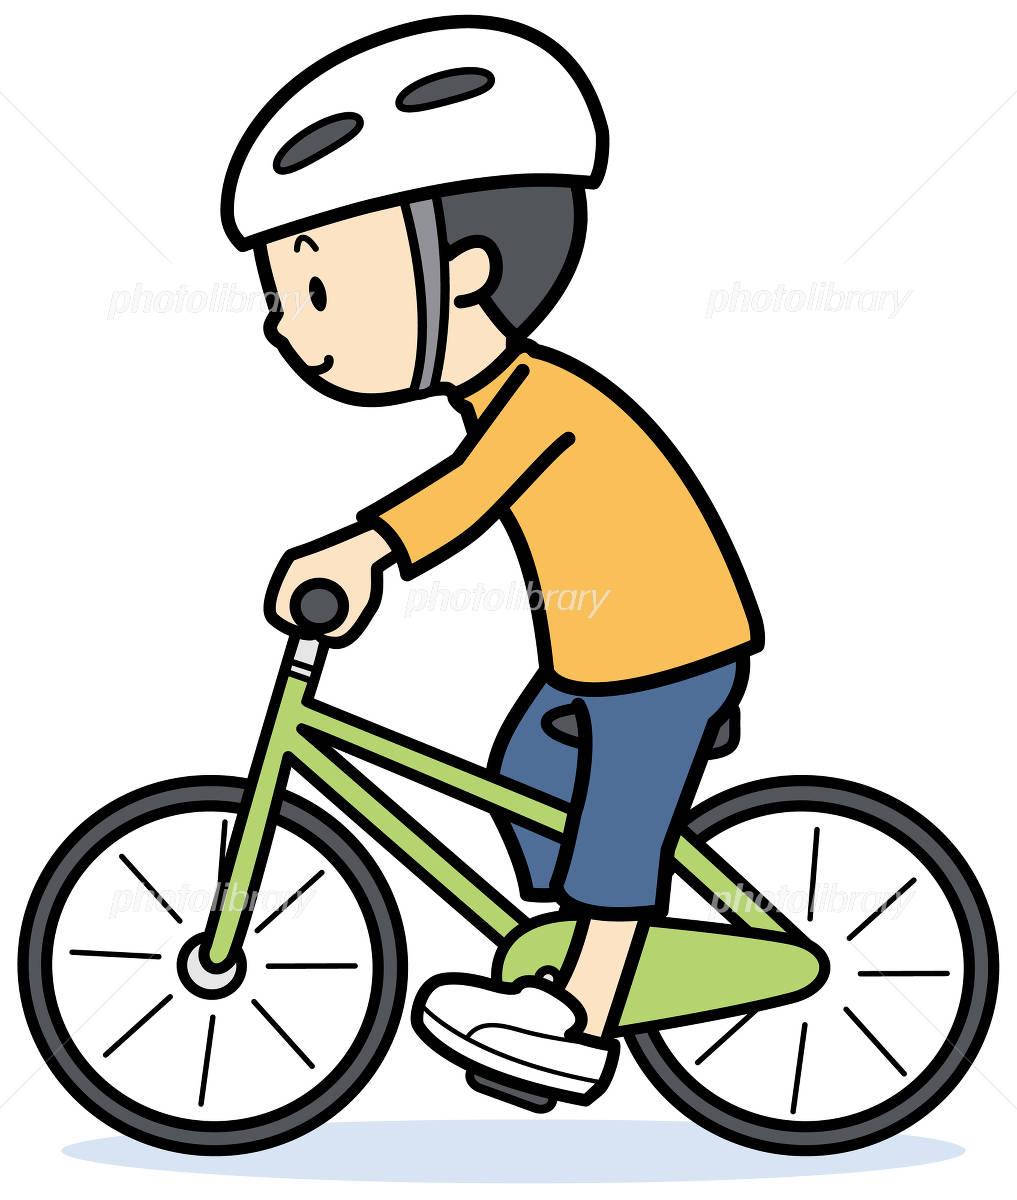 自転車に乗る子供2人 イラスト素材 6244069 フォトライブ